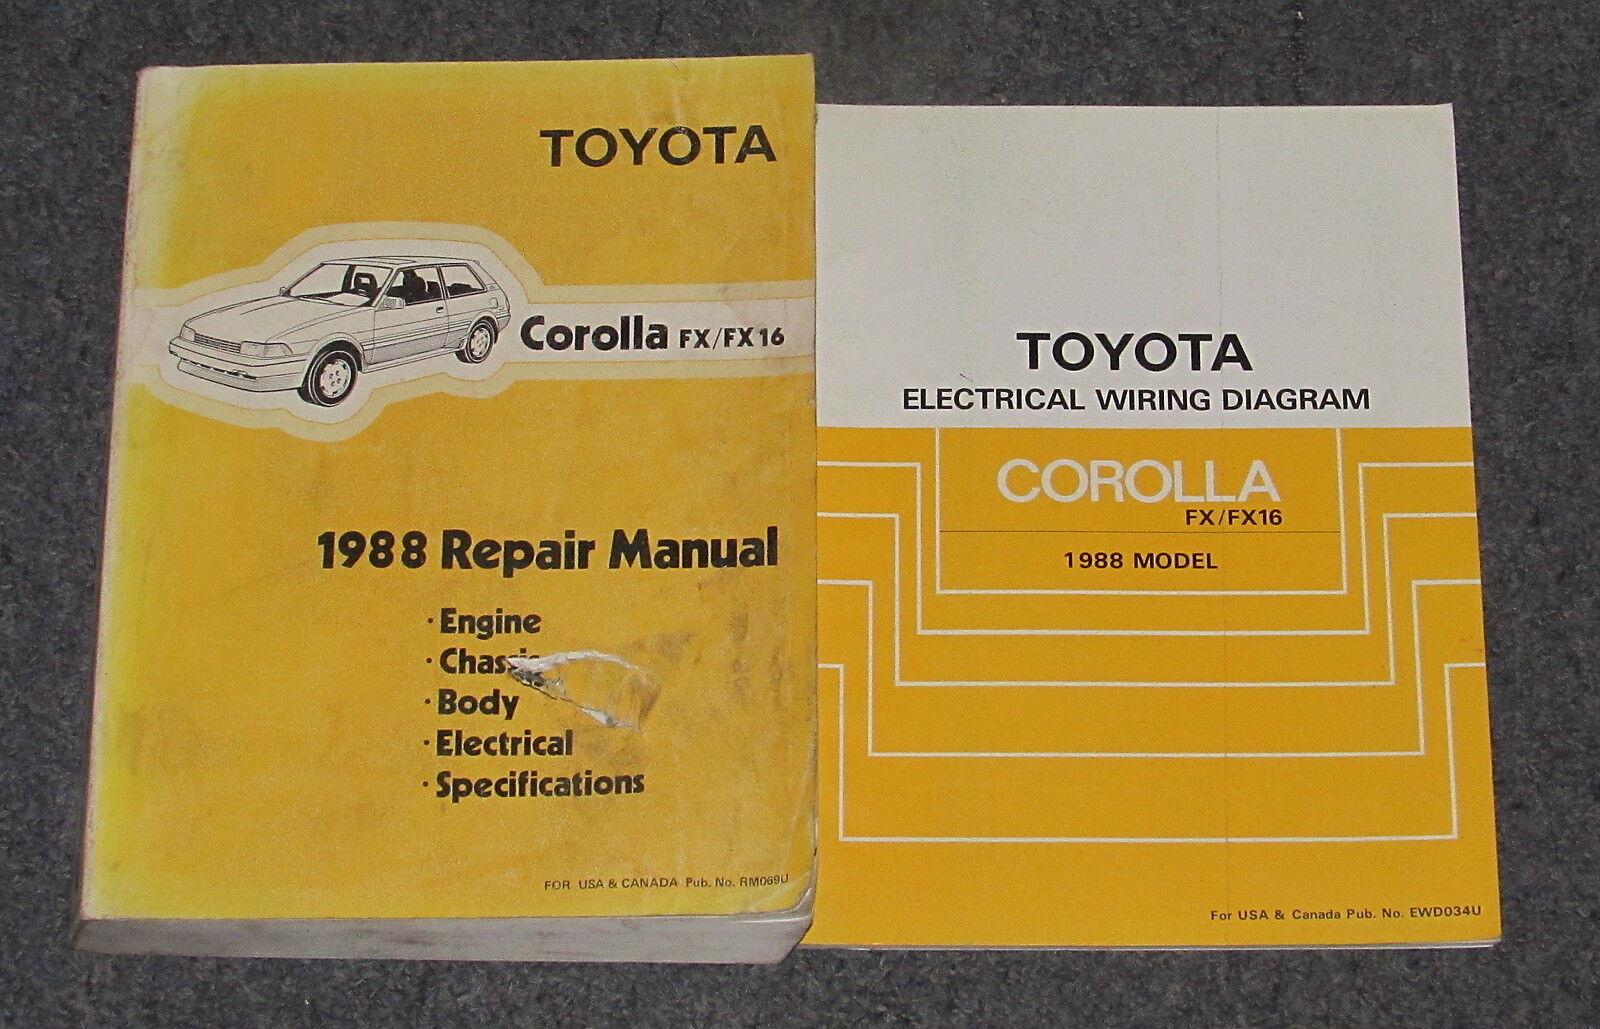 1988 toyota corolla fx fx16 service repair manual set rh extensivefad top 2001 Toyota Corolla S Toyota Corolla 1986 4AGE ECU